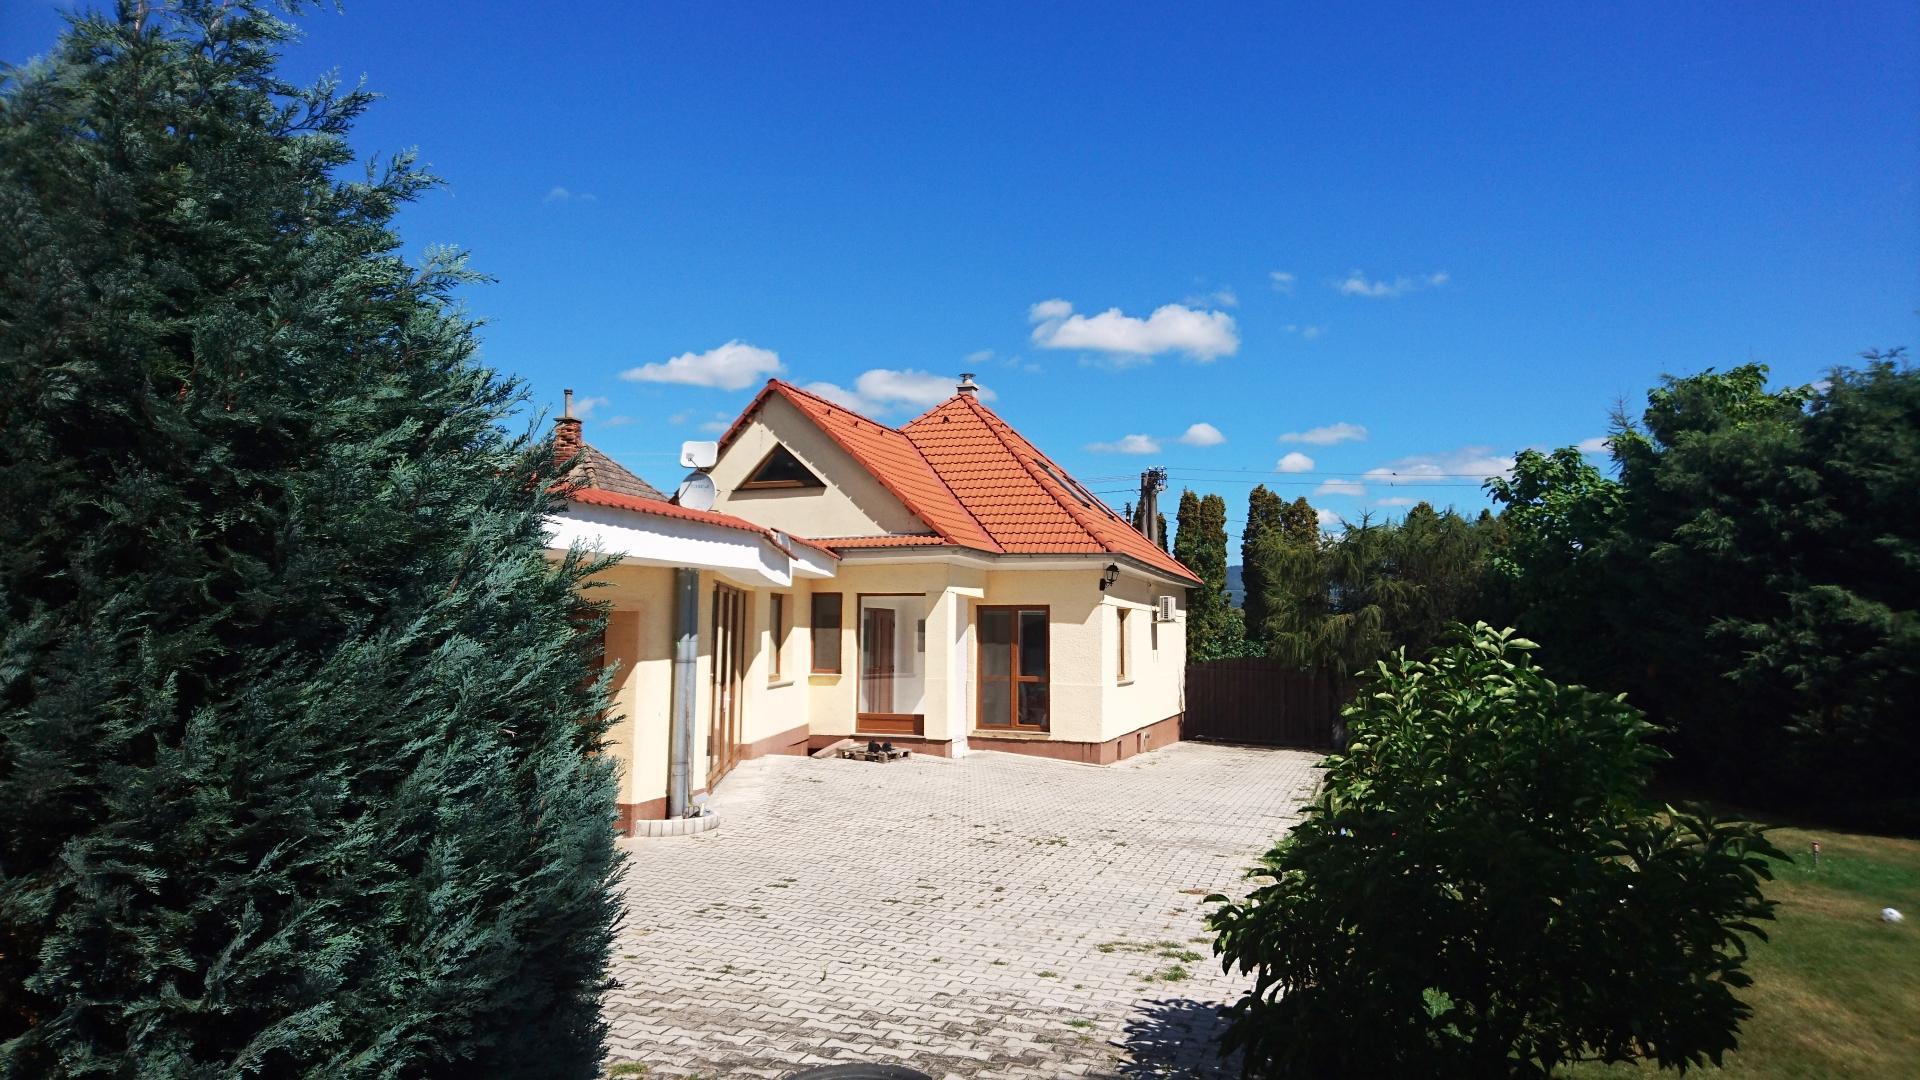 Predaj domu Radošina - Bzince